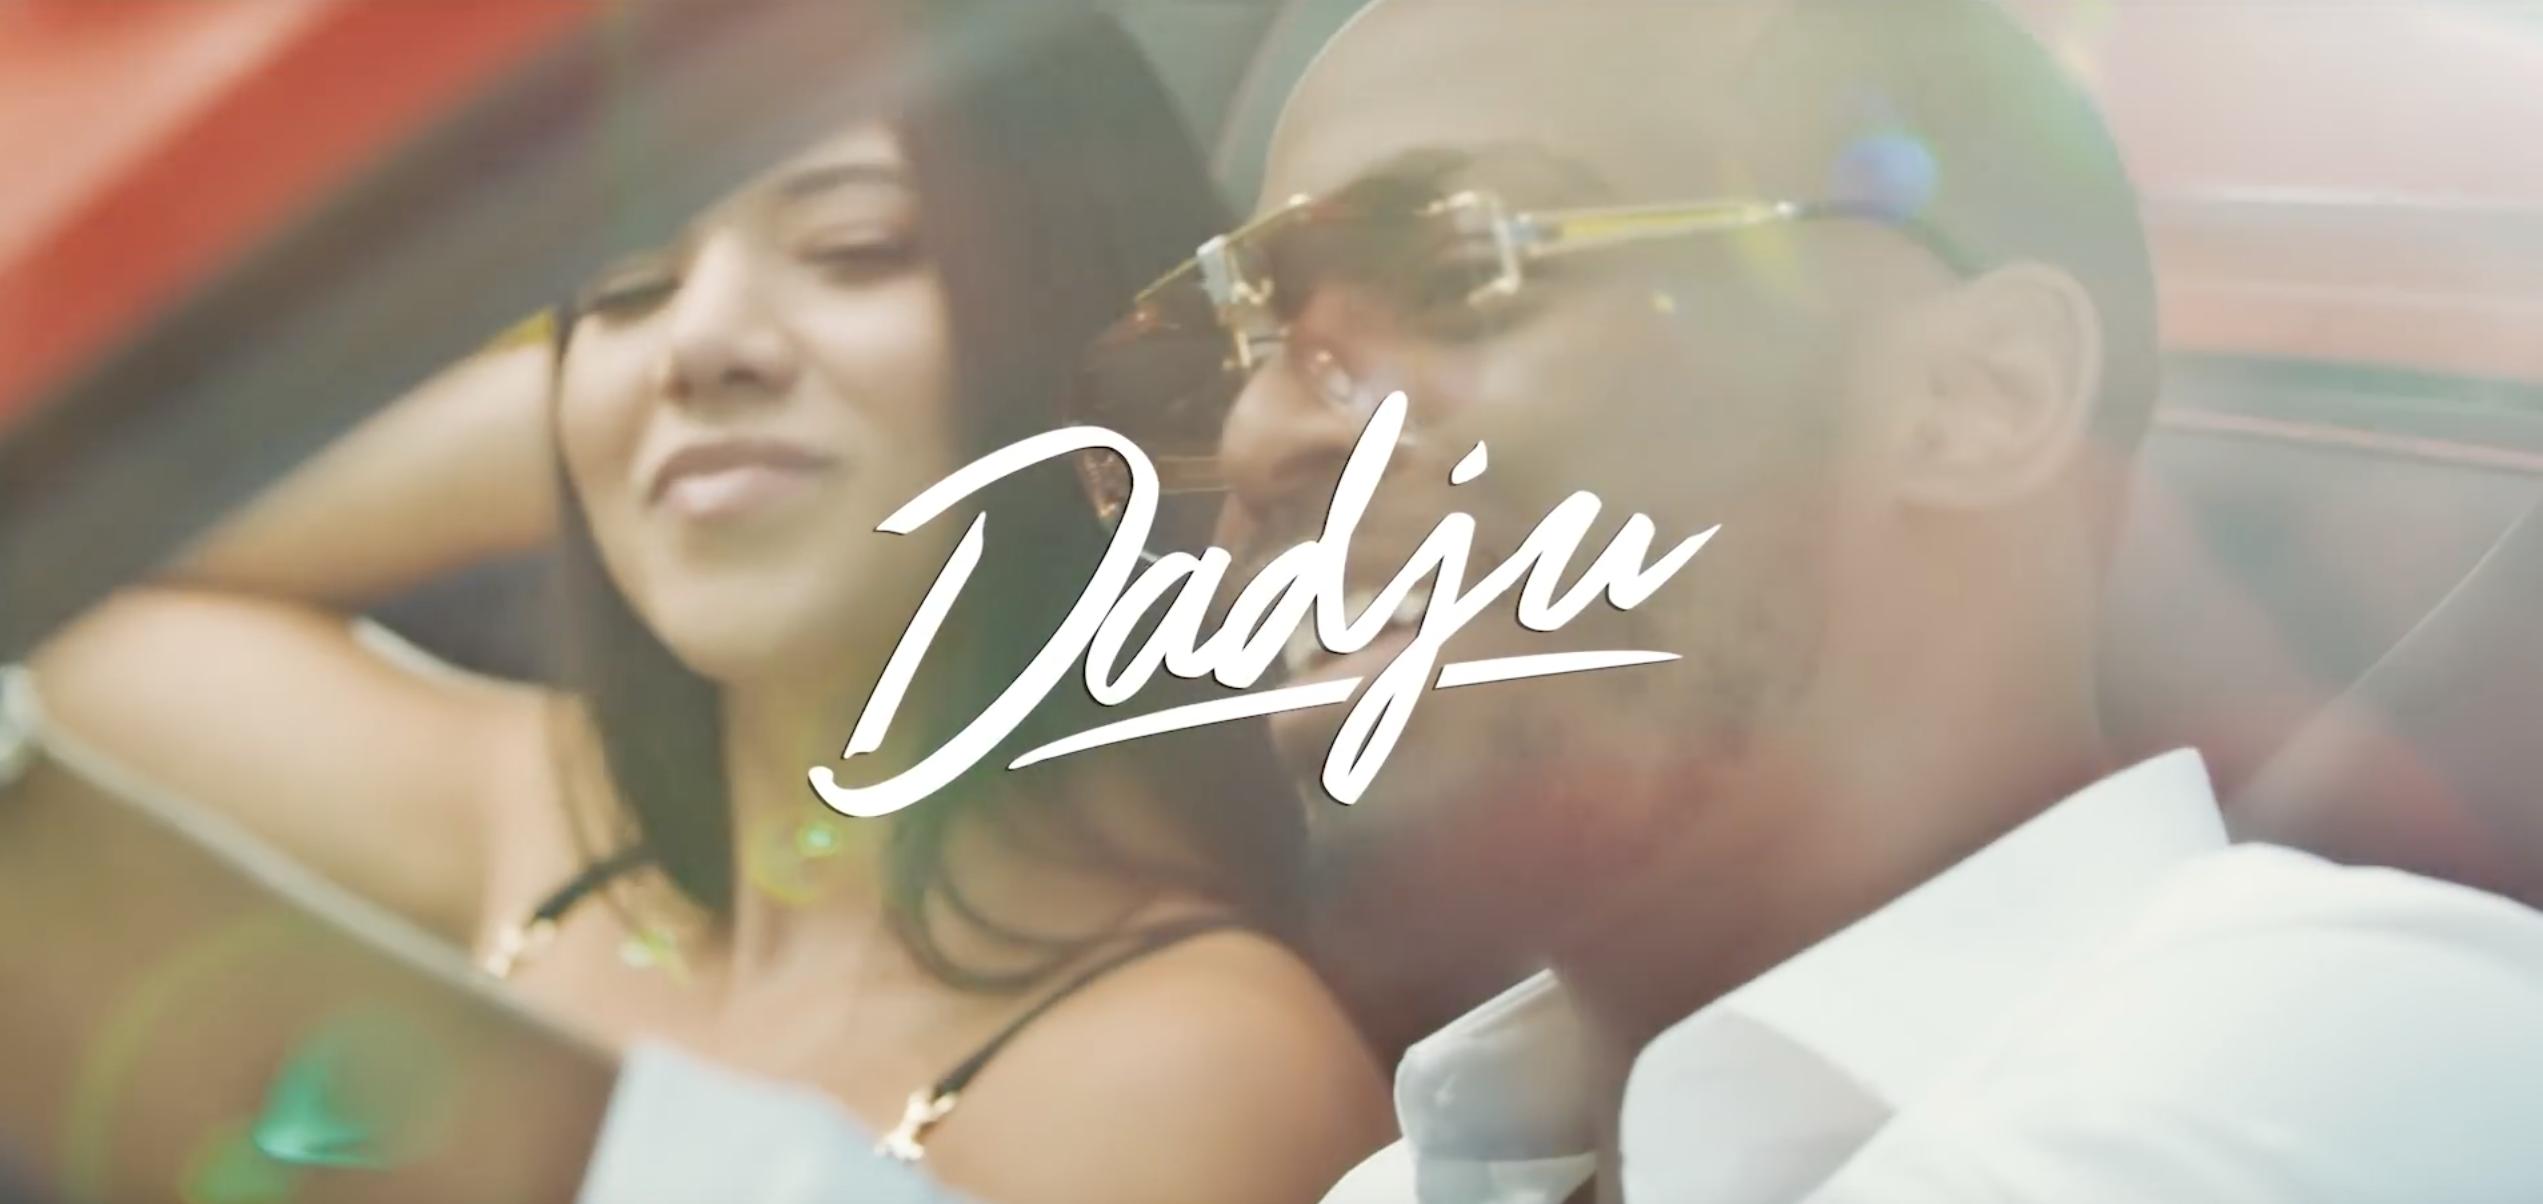 Contacter la production de Dadju par téléphone et voie postale. Pour faire la promotion de son album, Dadju a sorti une série de clip intitulé G 2.0 Live sur Instagram et YouTube.